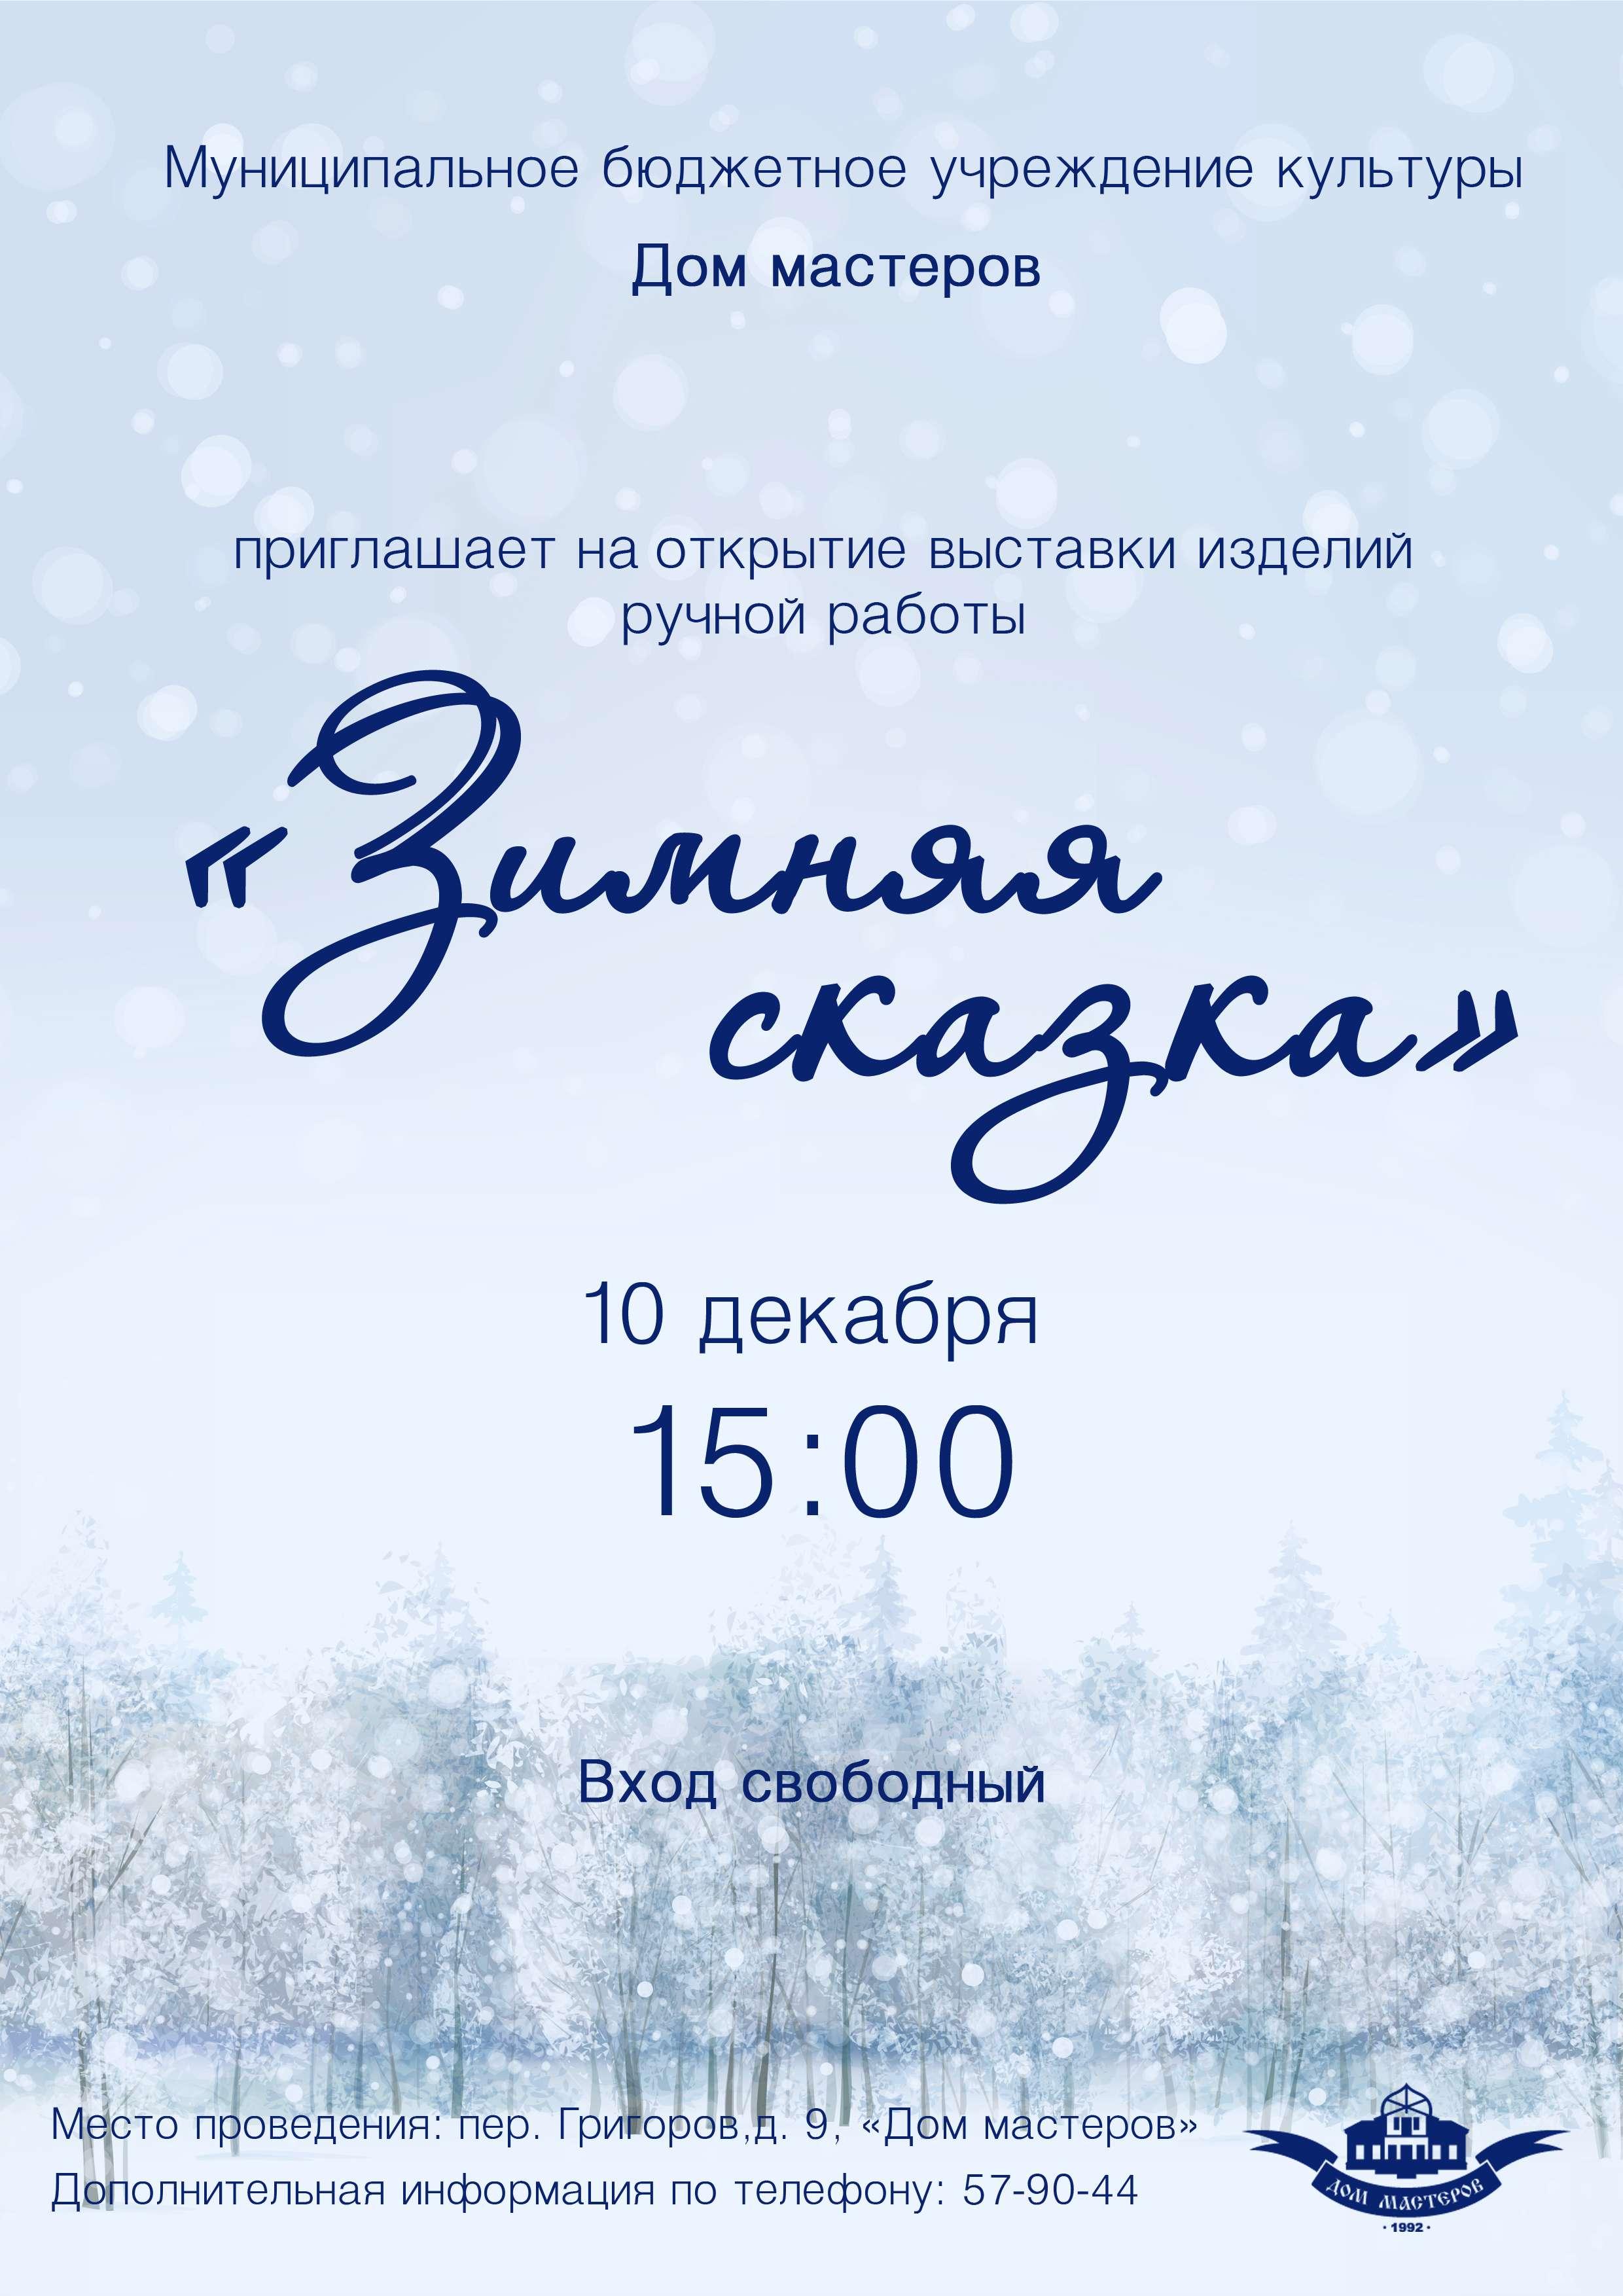 Выставка «Зимняя сказка» в Доме мастеров